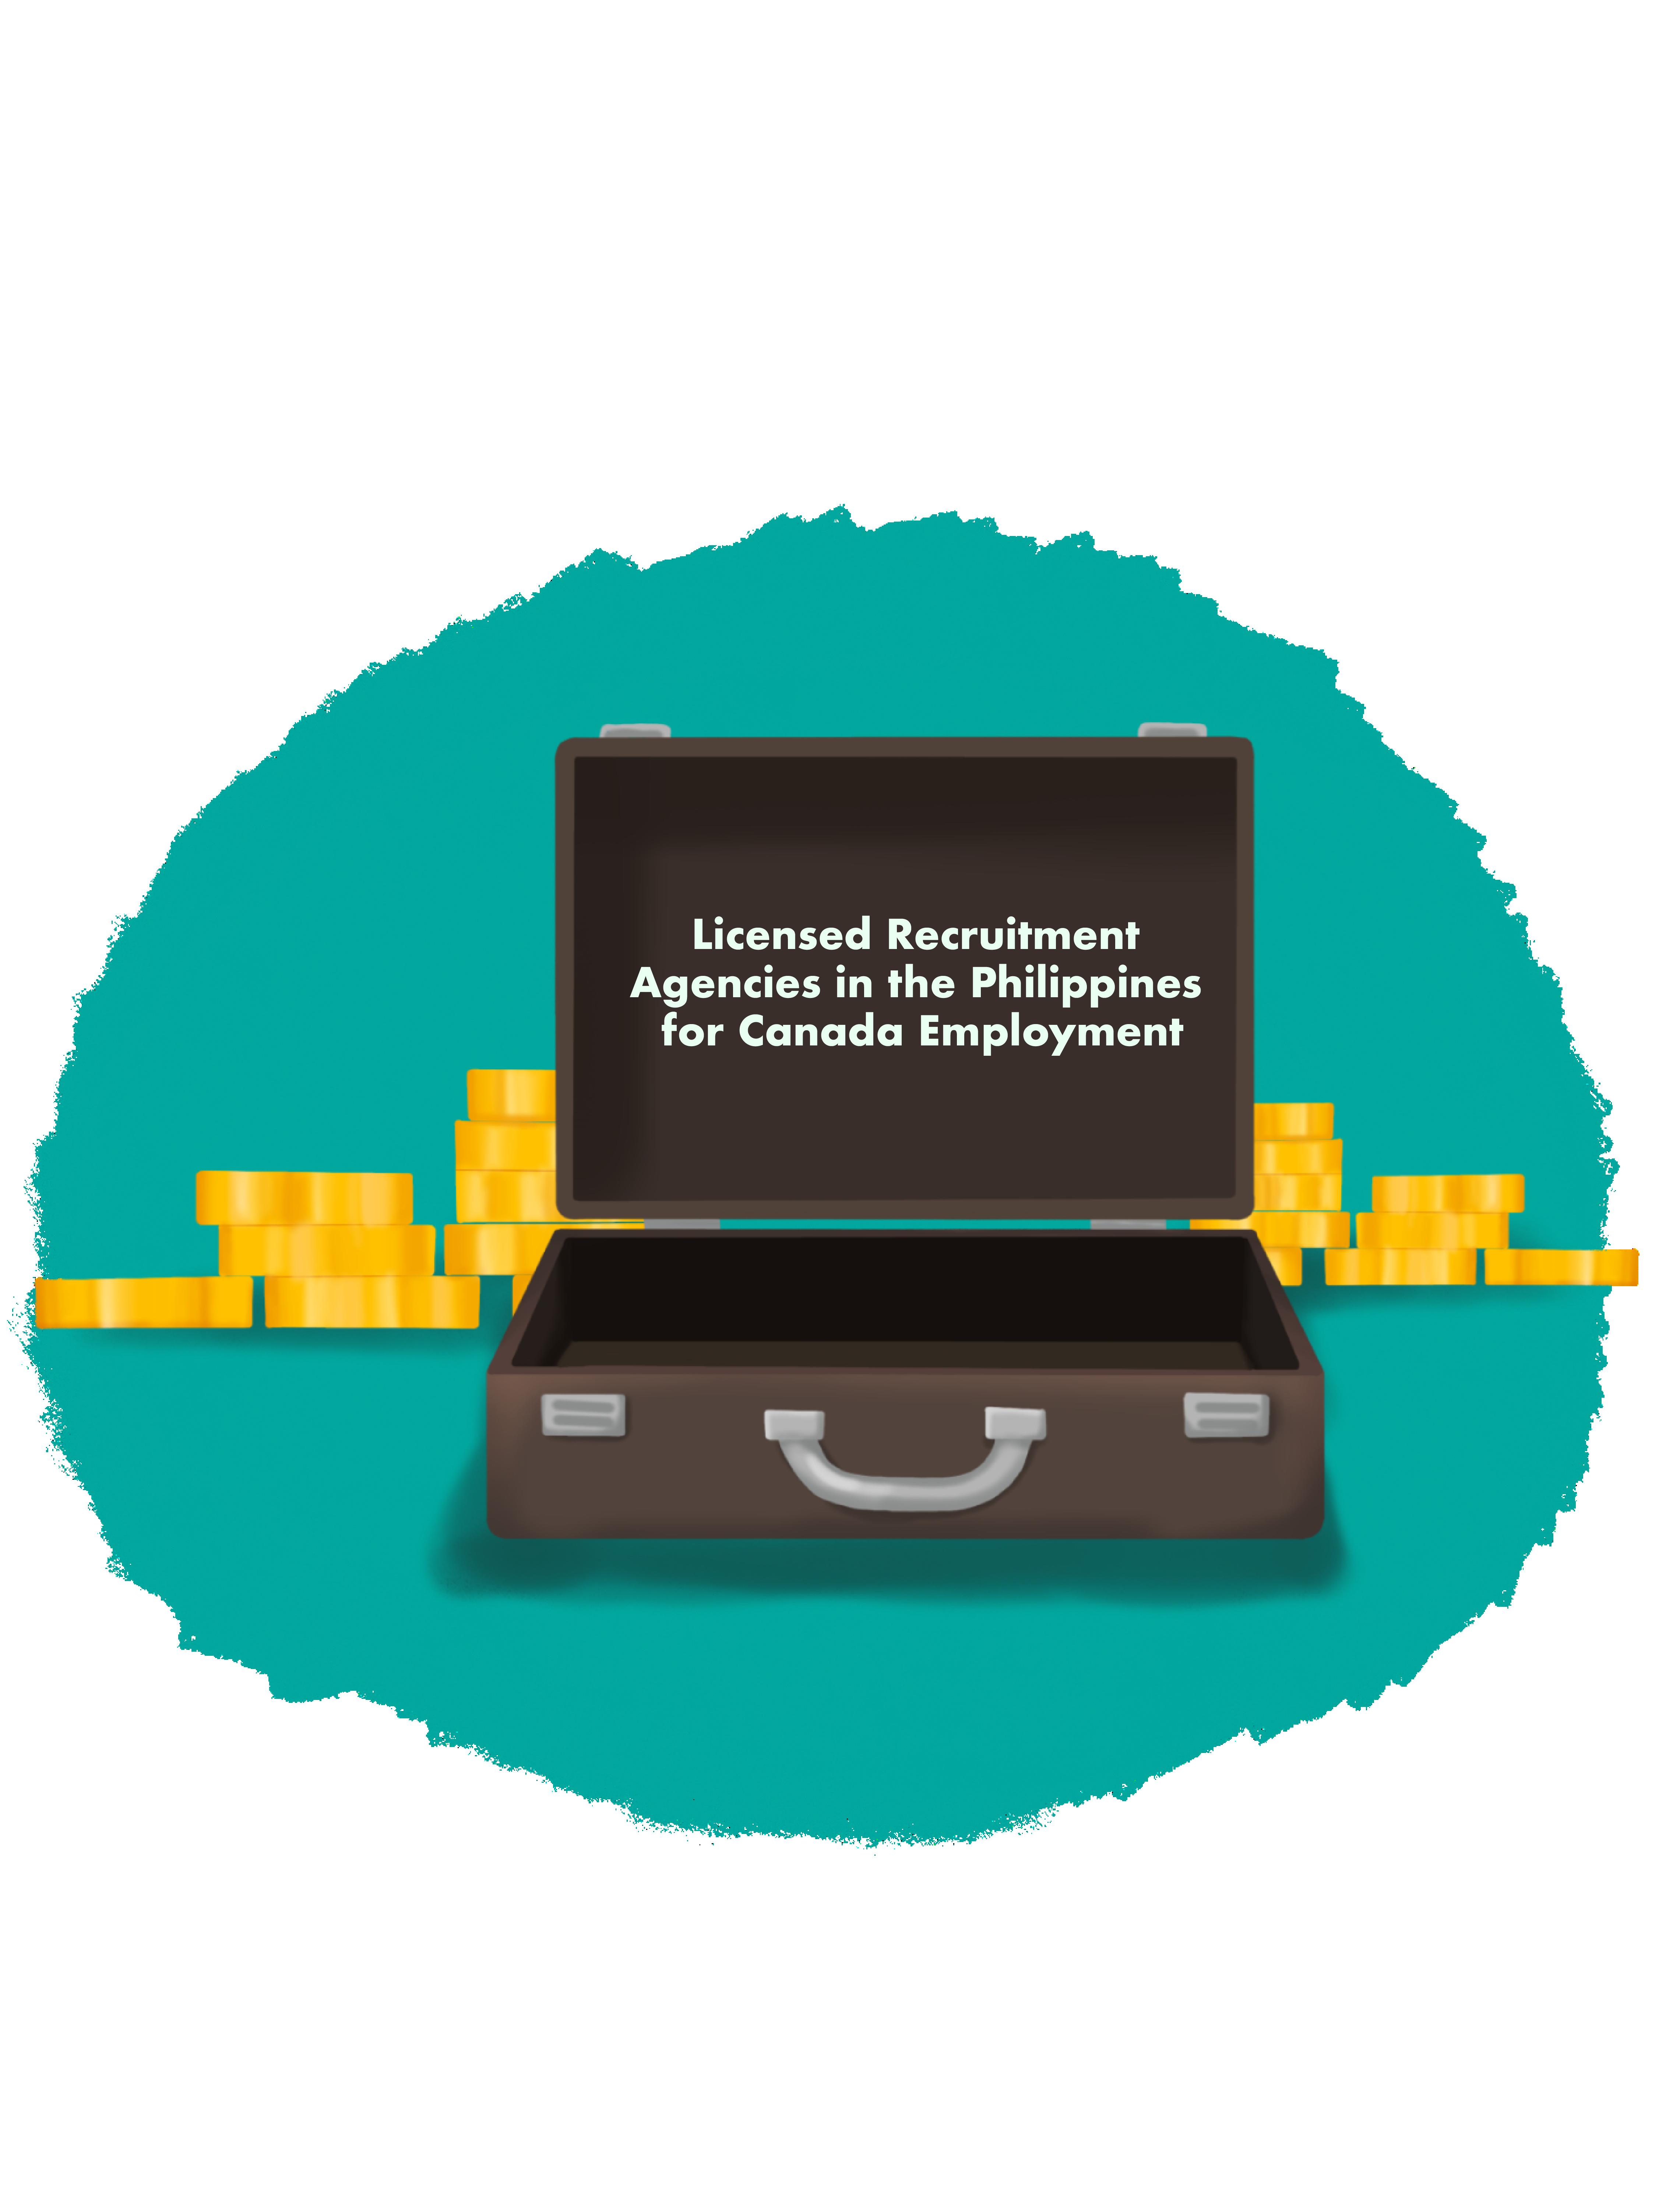 Overeseas worker Canada/Philippines